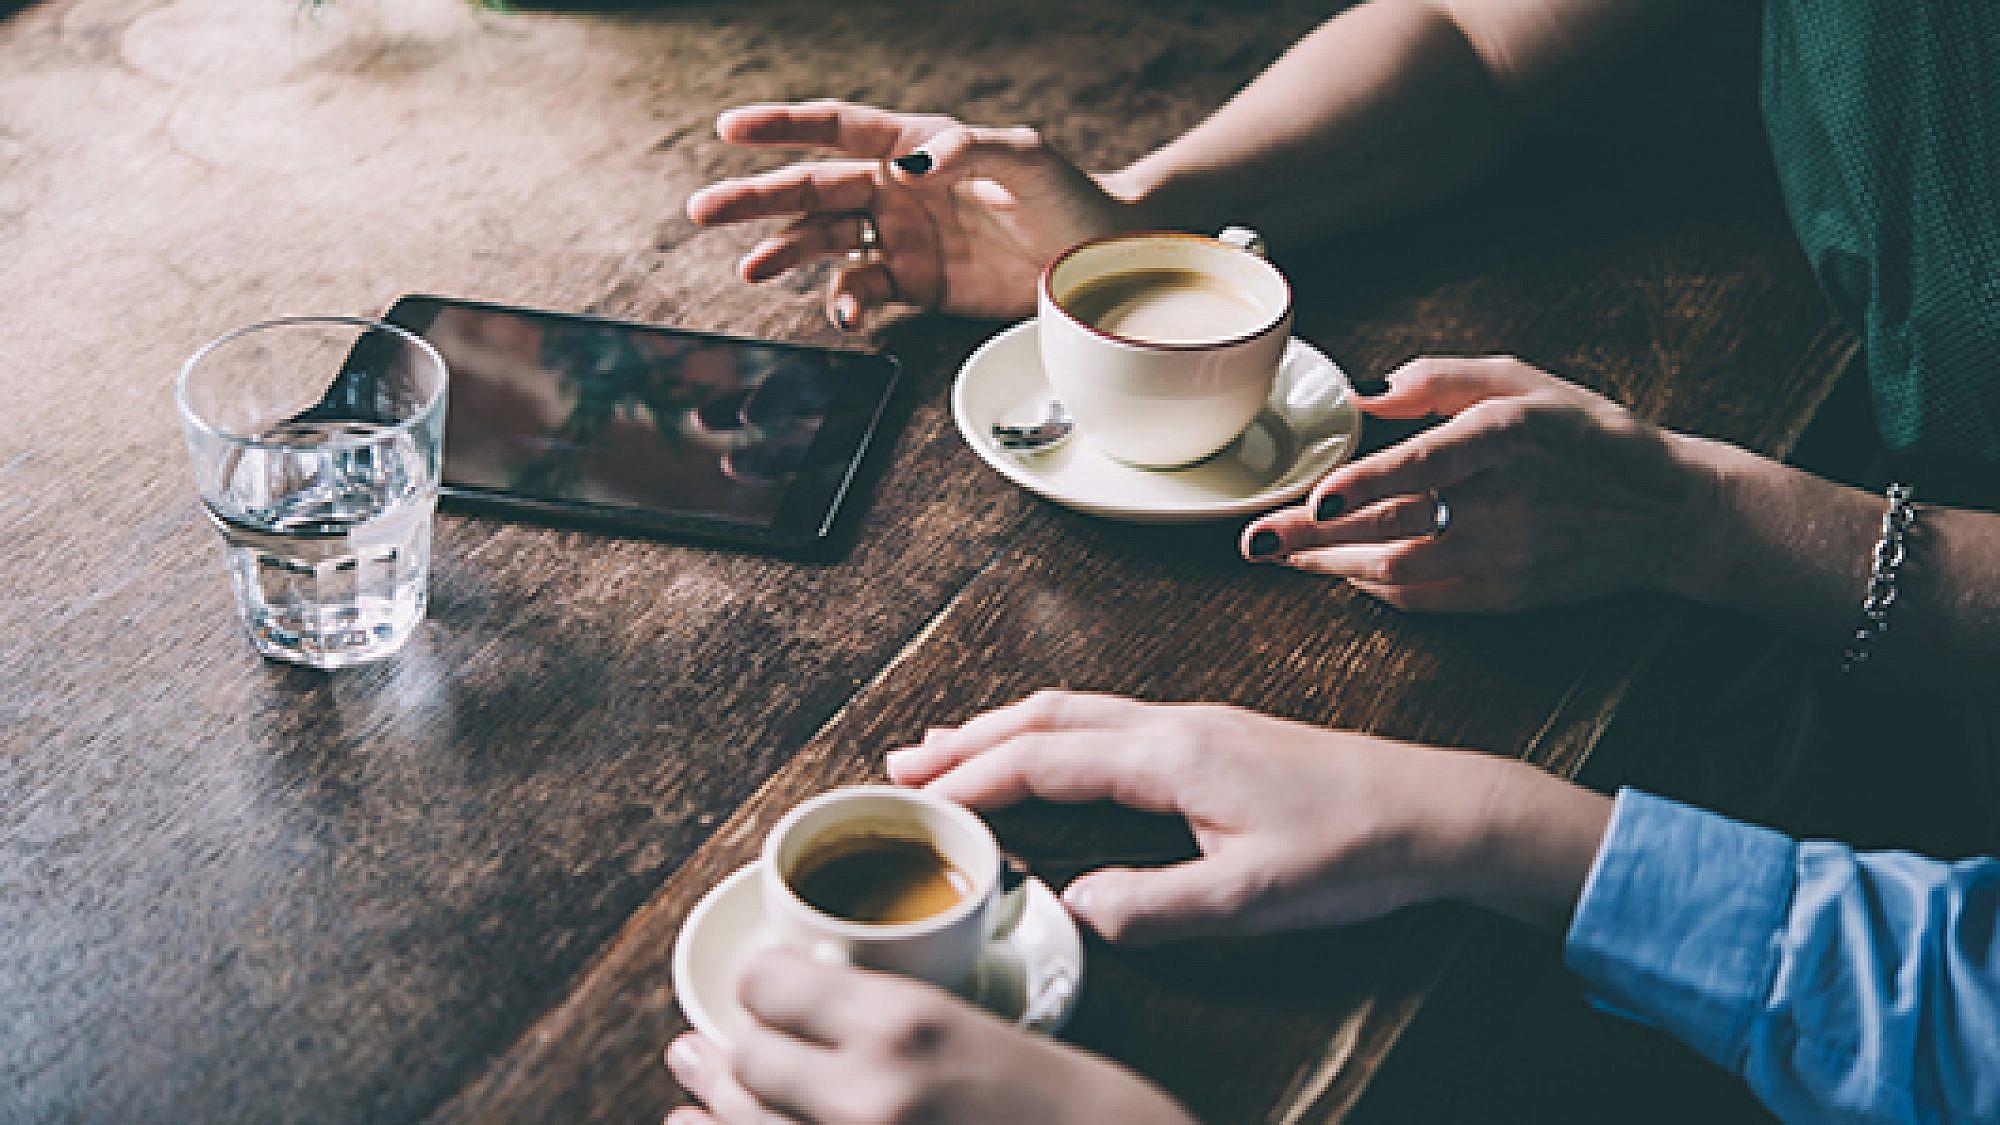 הקפה של היום. צילום: שאטרסטוק